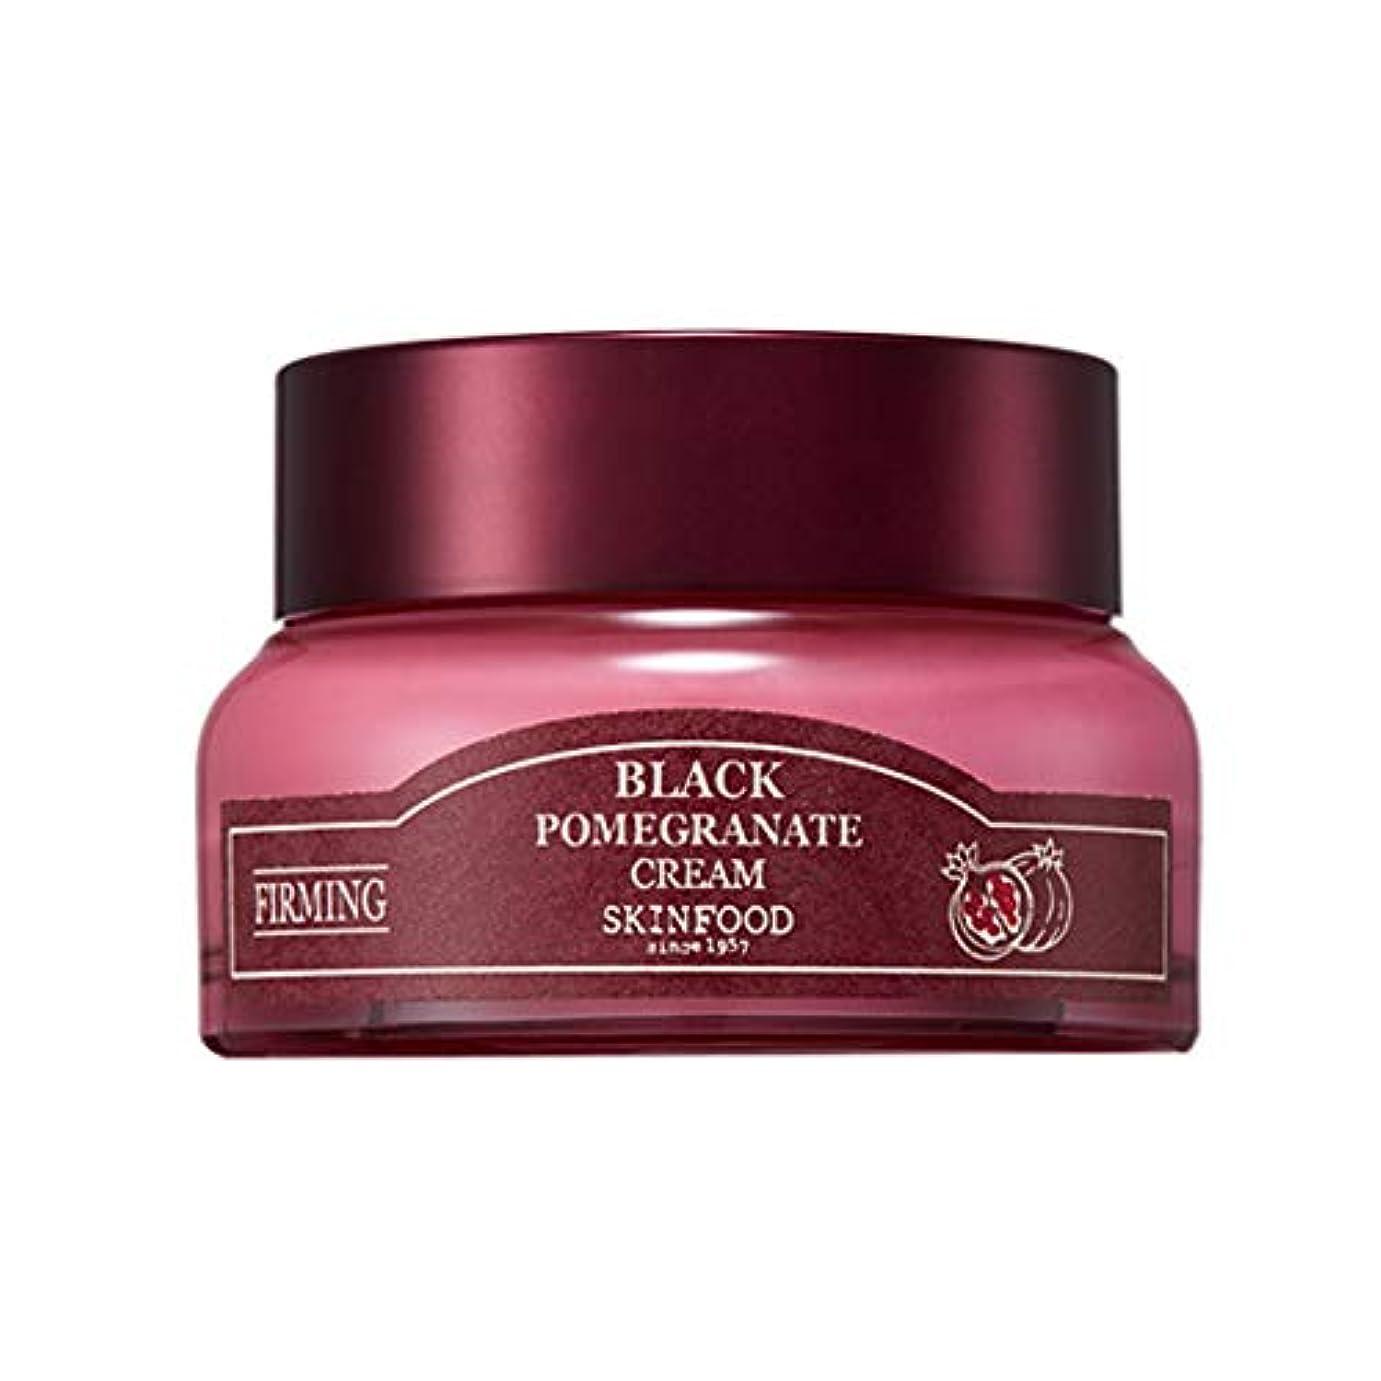 クレデンシャルトピック当社[リニューアル] スキンフード 黒ザクロ クリーム 54ml / SKINFOOD Black Pomegranate Cream 54ml [並行輸入品]